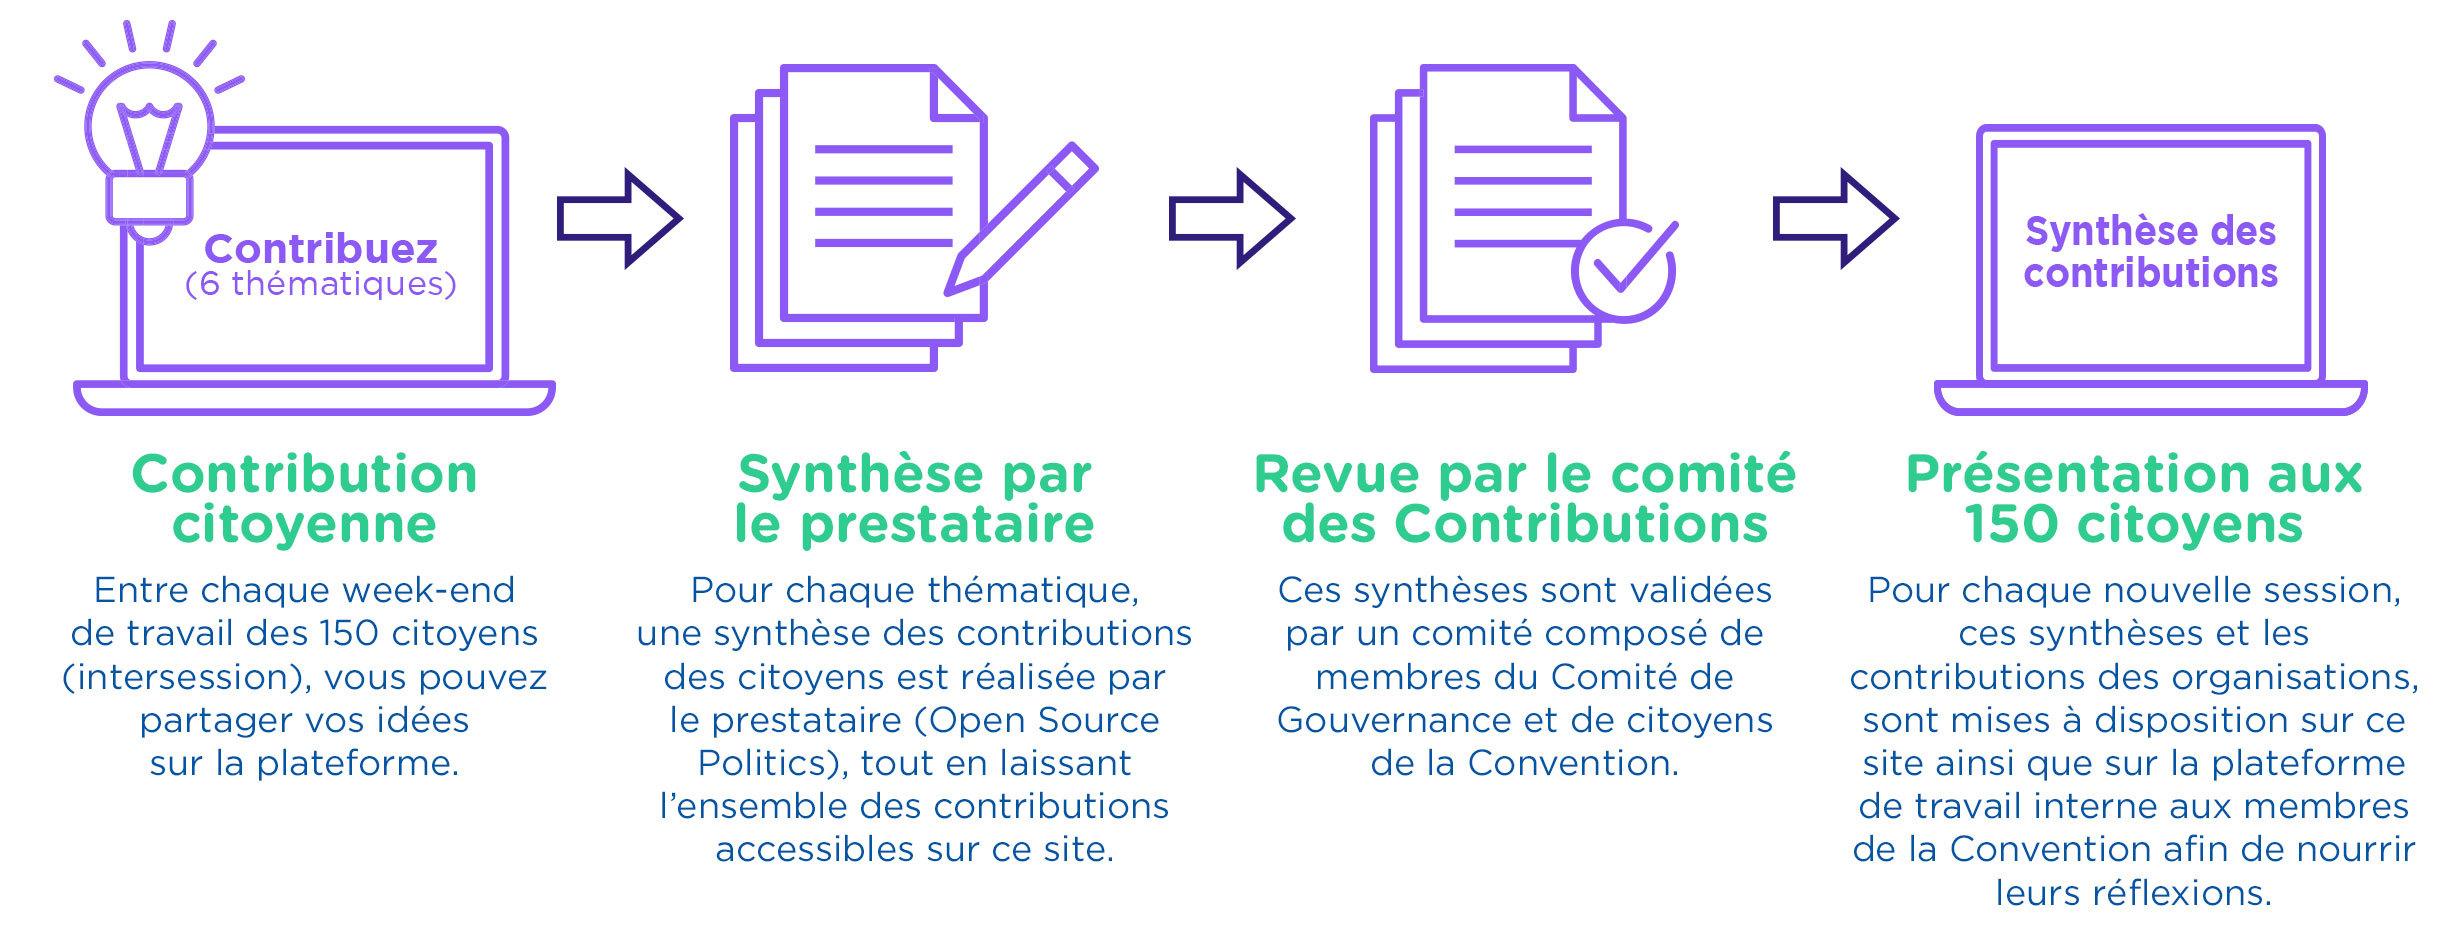 Explication de la démarche de contribution citoyenne, synthèse par Open Source Politics, revue par le Comité des Contributions et présentation des contributions aux 150 membres de la Convention citoyenne pour le climat